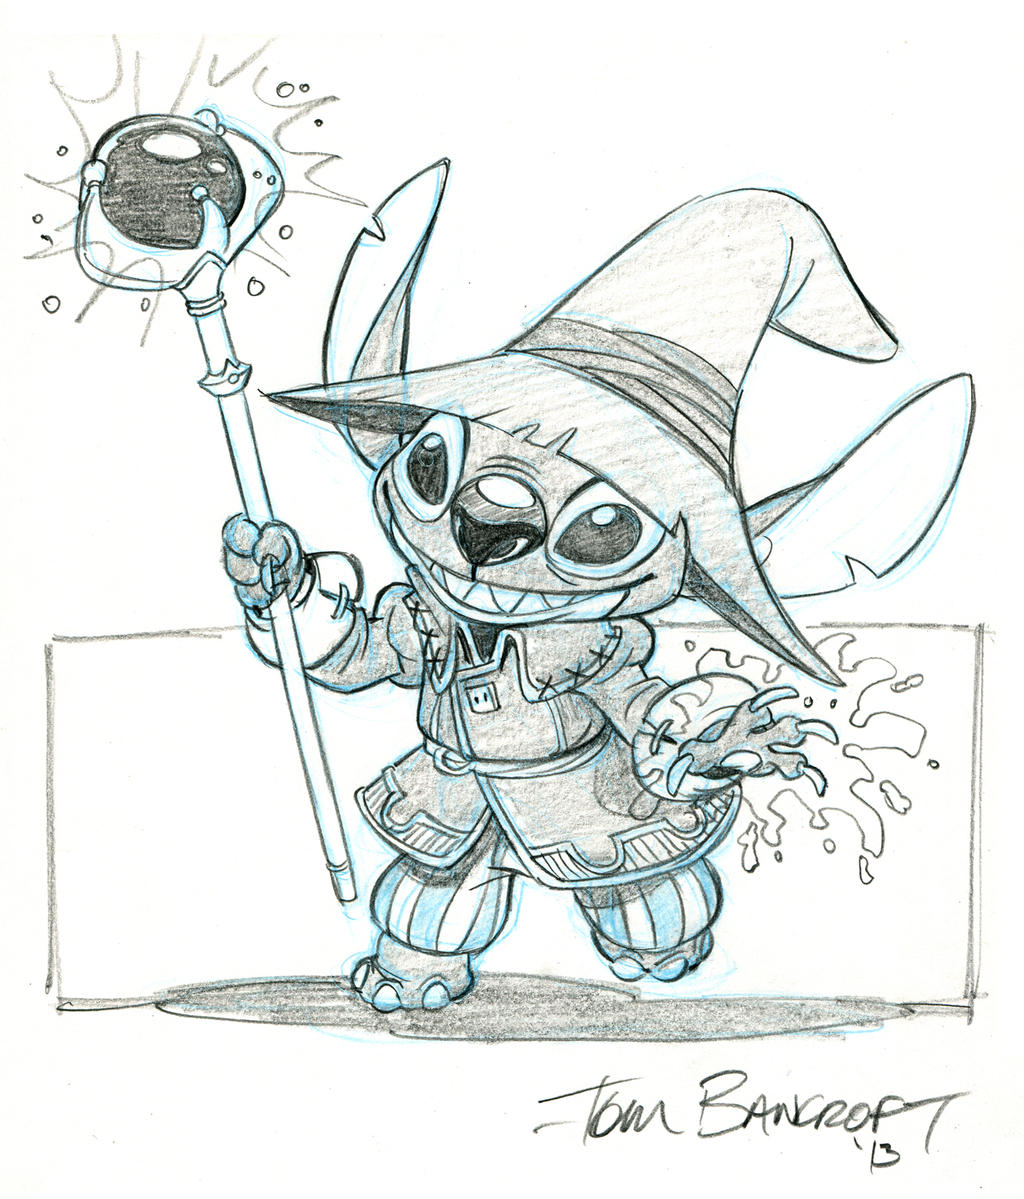 Stitch Mage by tombancroft